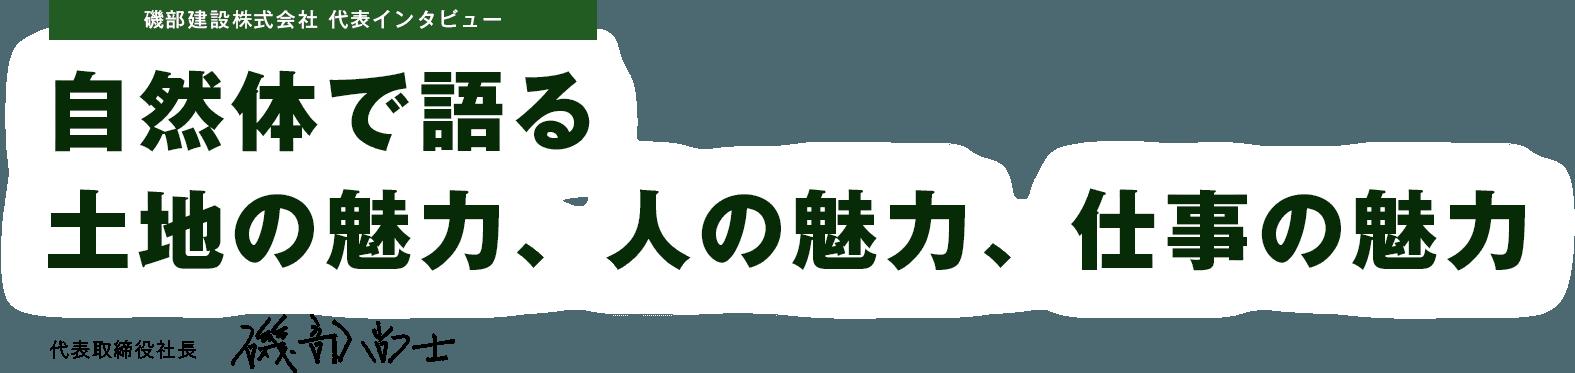 磯部建設株式会社 代表インタビュー